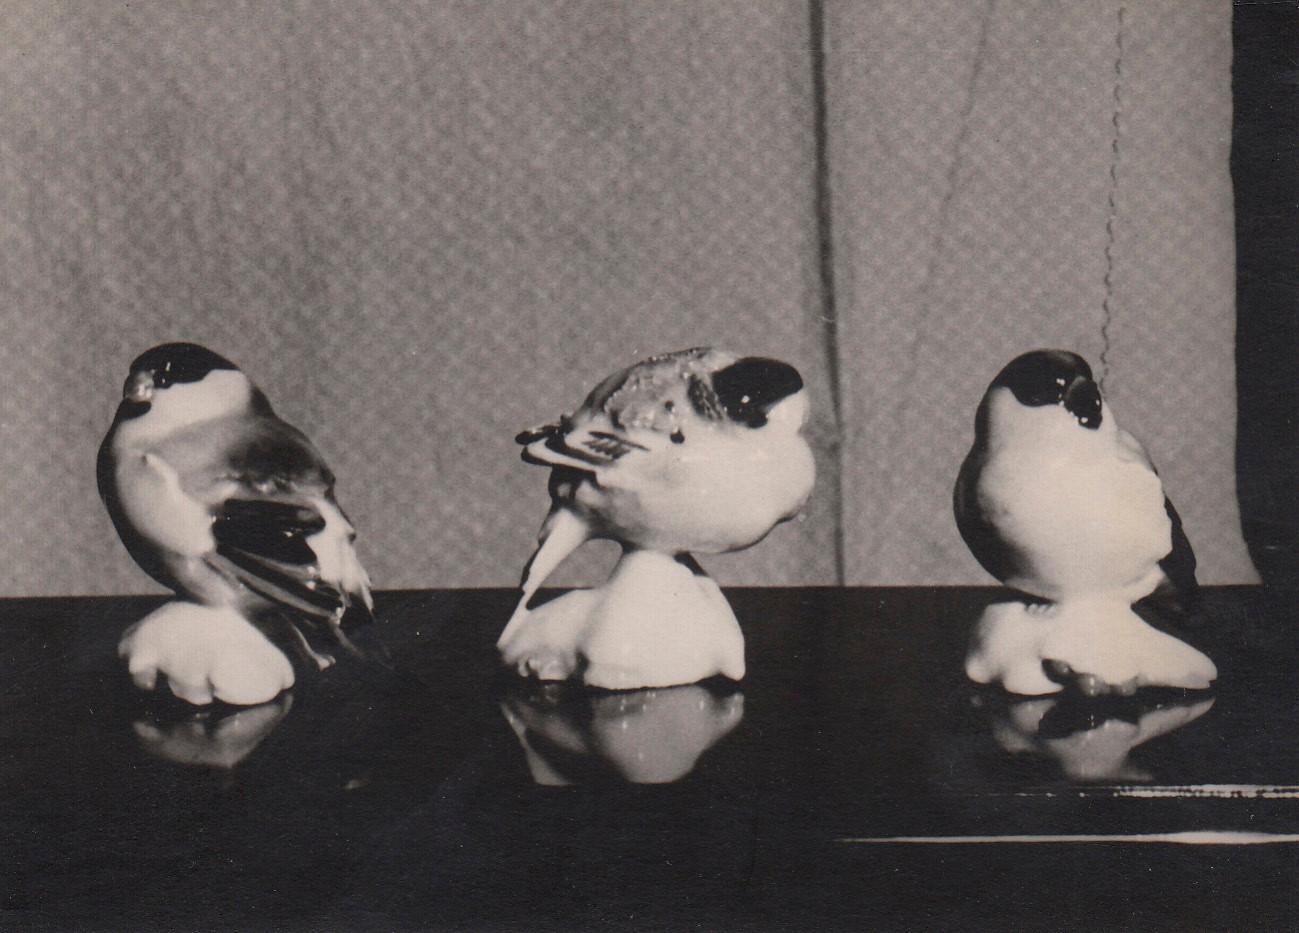 «Воробьи» (3 из 6 шт.), 1955, авторская роспись солями. Массовое производство. Опытный Завод при Институте Керамики